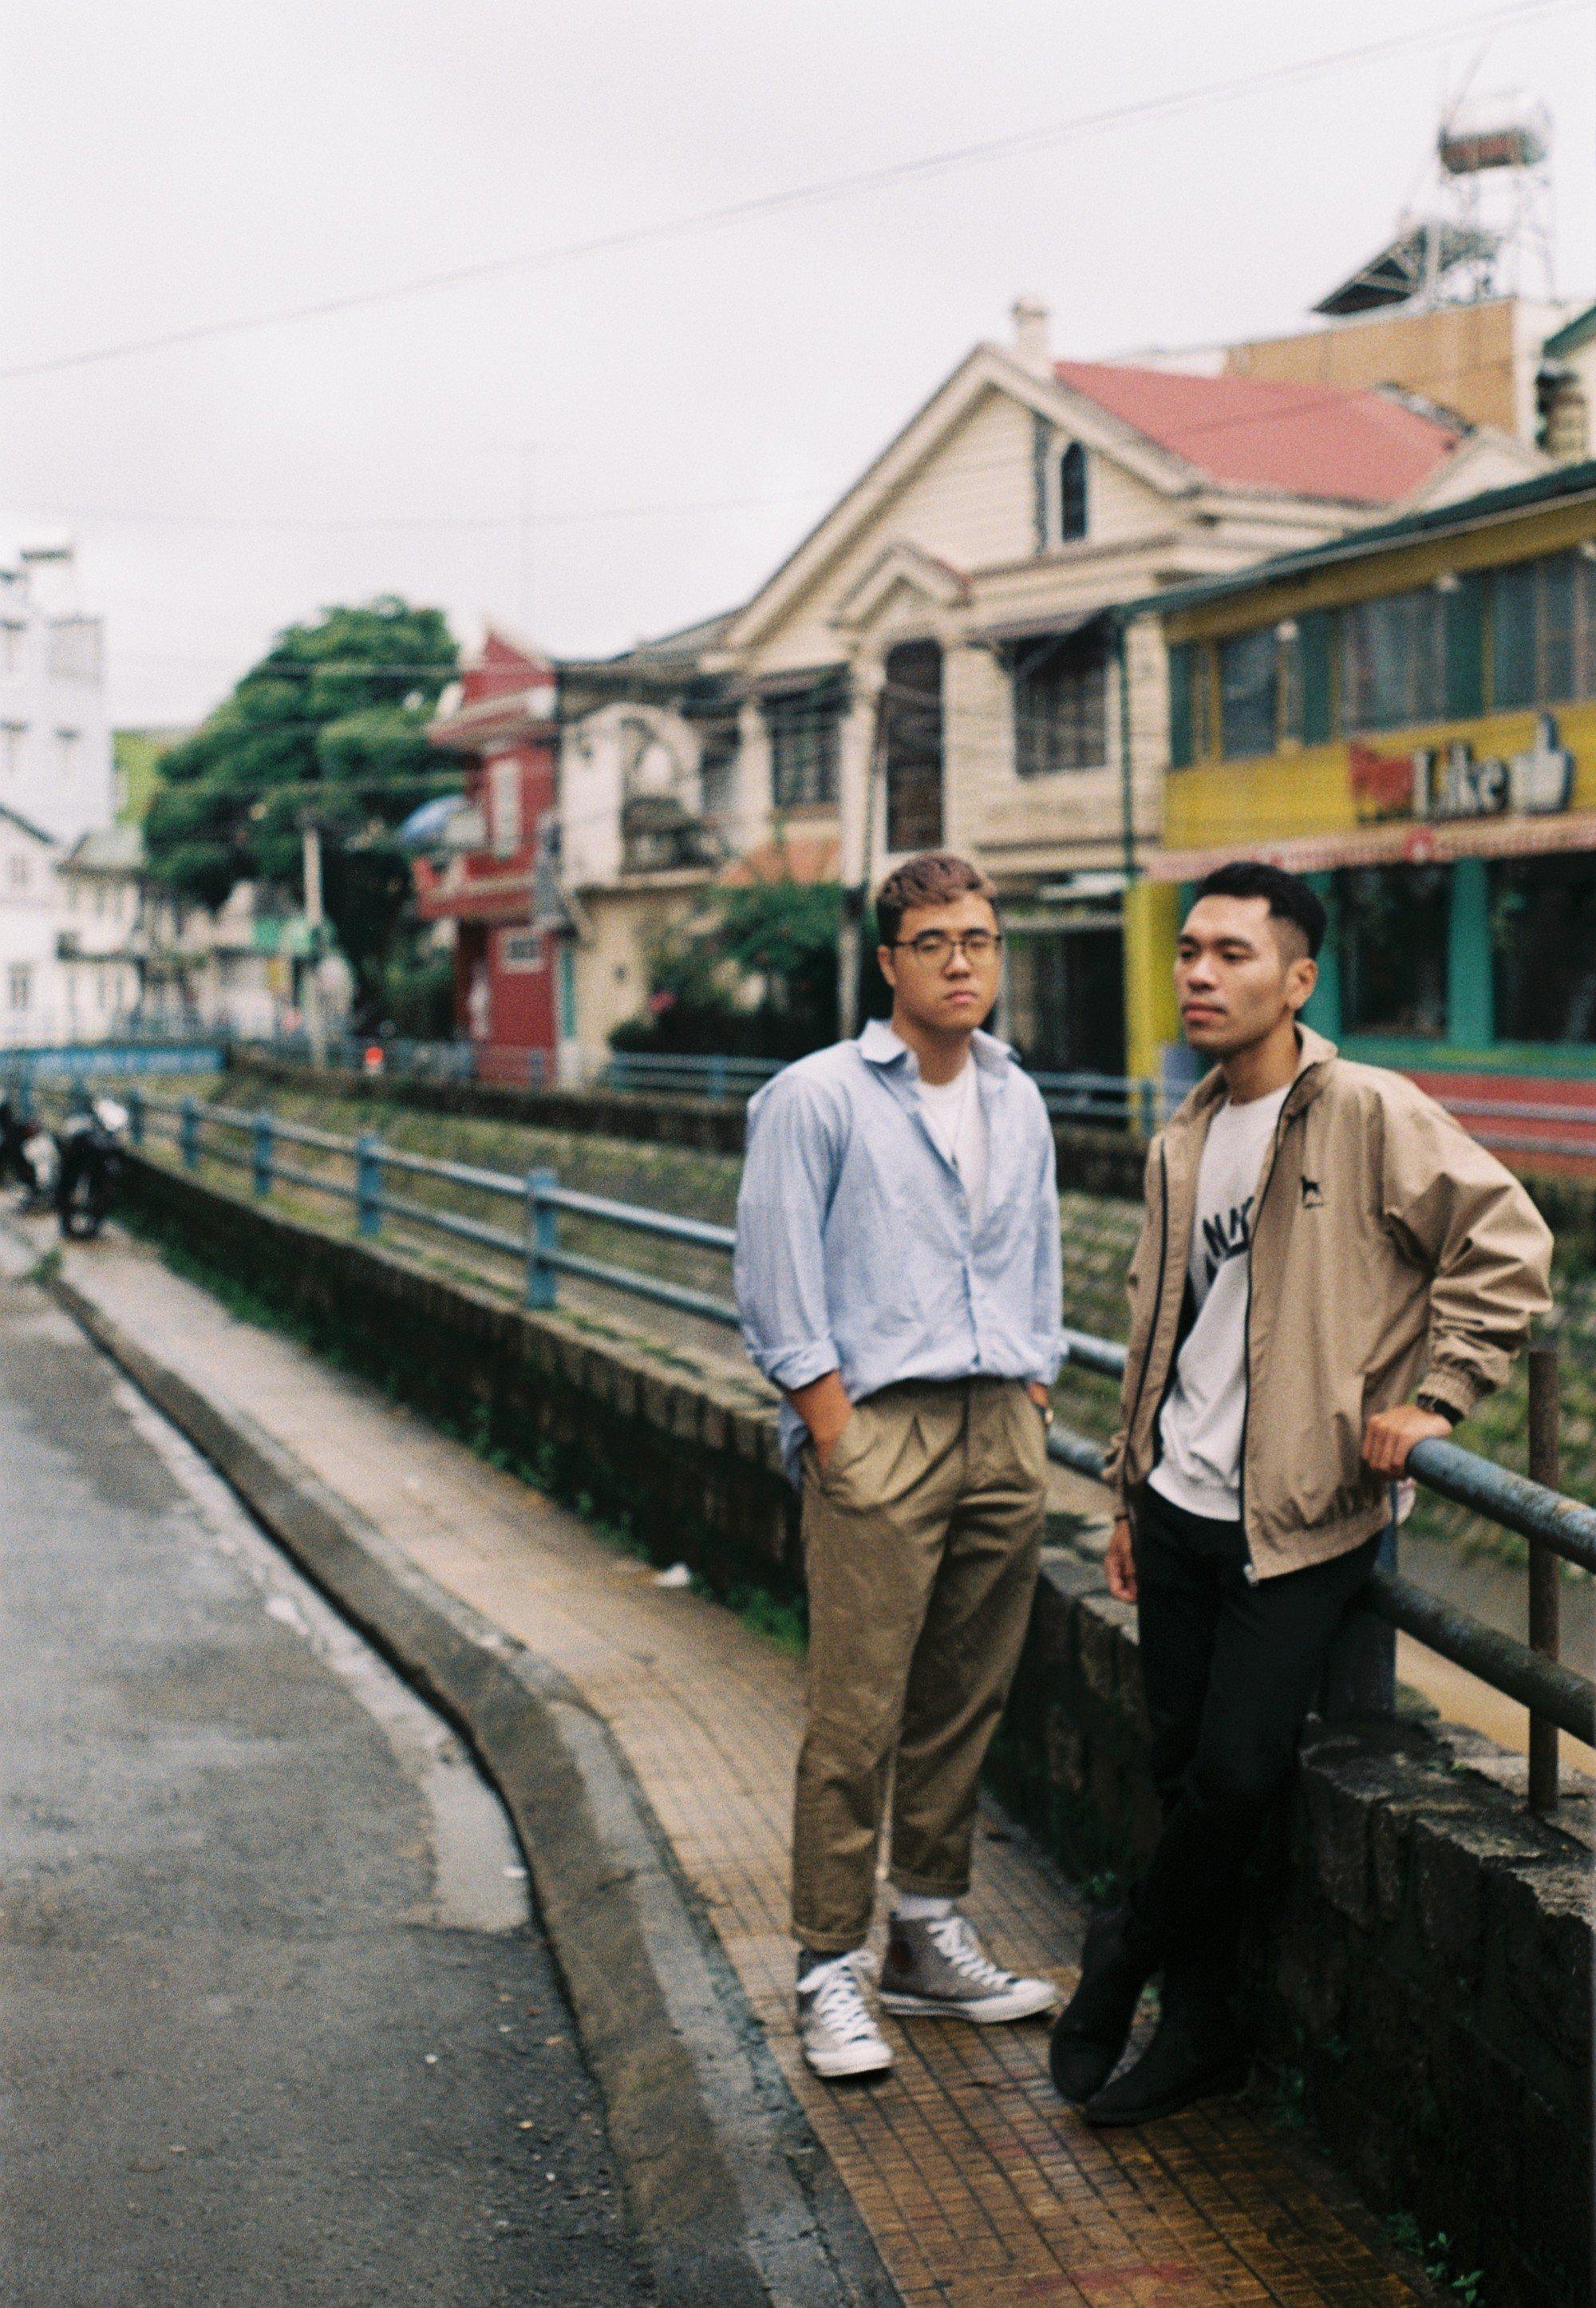 Hội bạn thân 3 miền Bắc - Trung - Nam rủ nhau lên Đà Lạt, chụp ảnh nhóm xuất sắc như bìa tạp chí 9